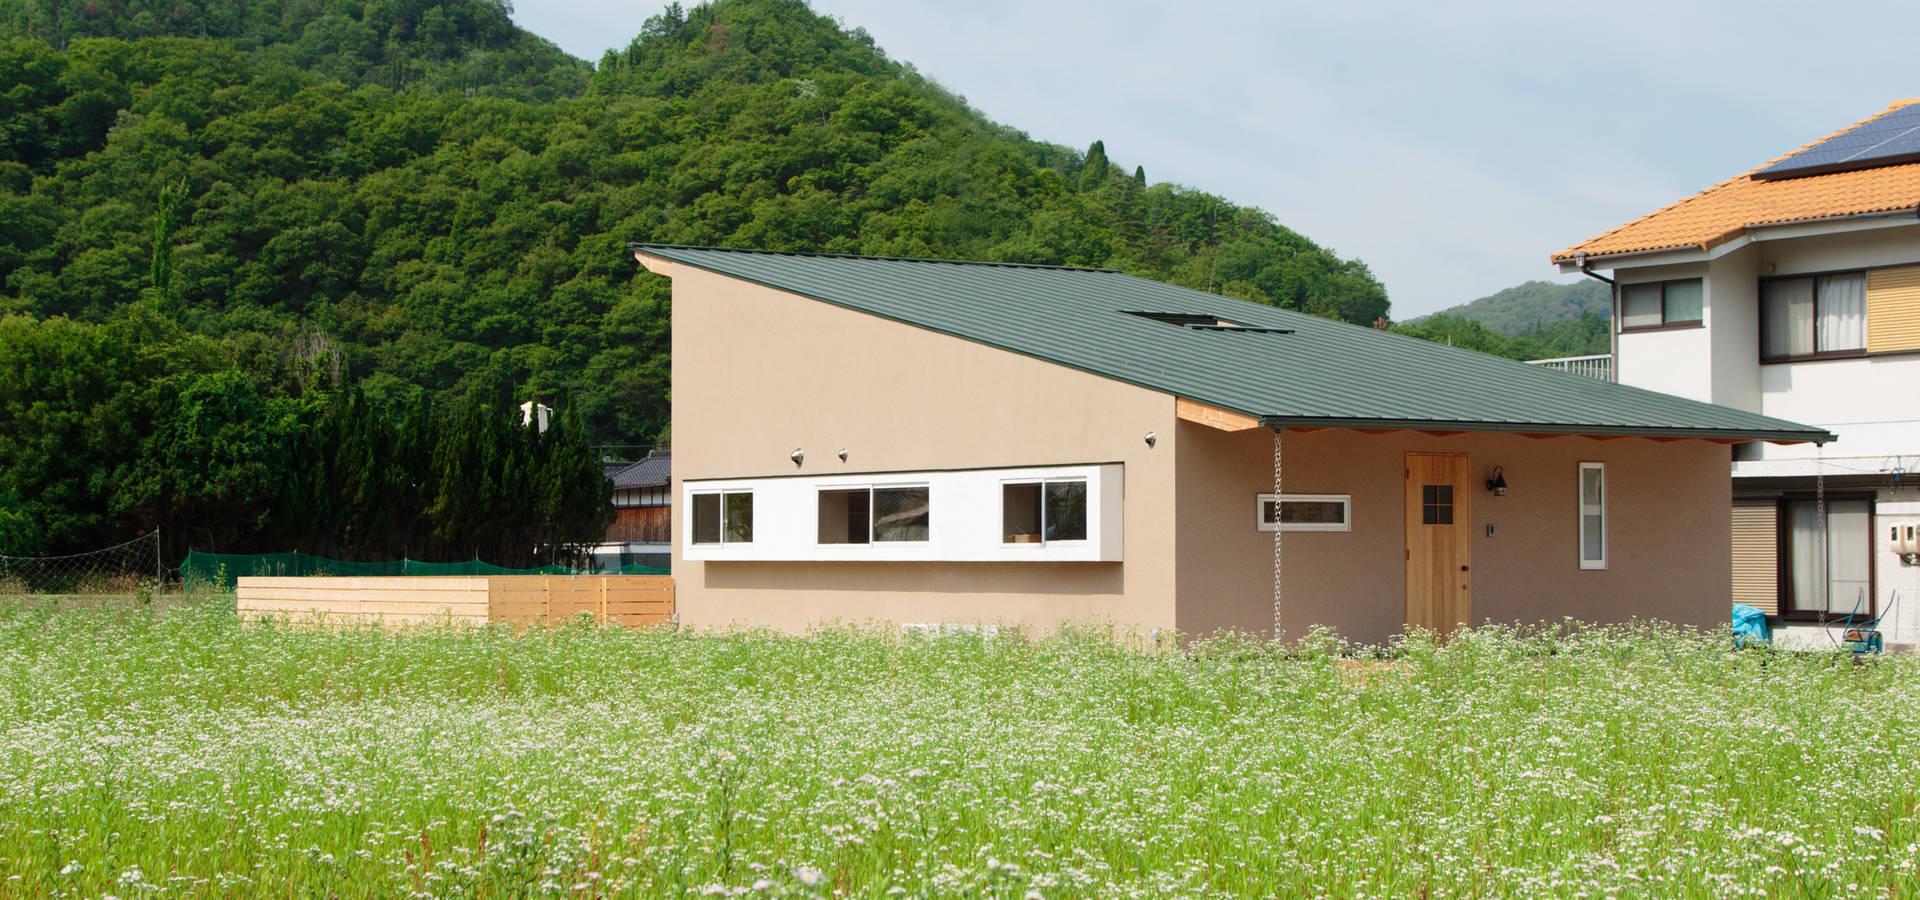 内田建築デザイン事務所